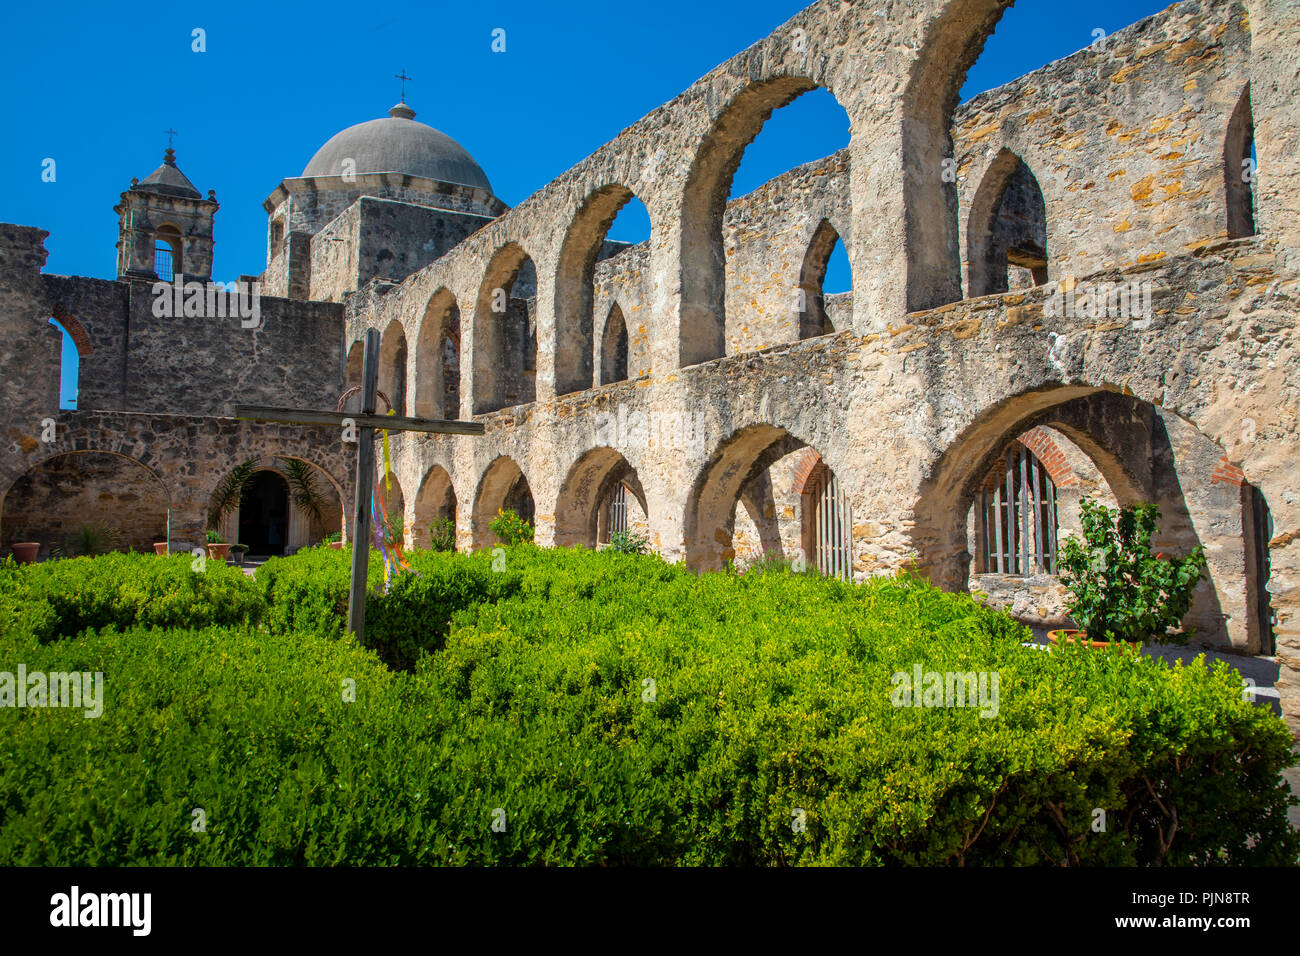 La misión de San José y San Miguel de Aguayo es un histórico de la misión católica en San Antonio, Texas, EEUU. Imagen De Stock